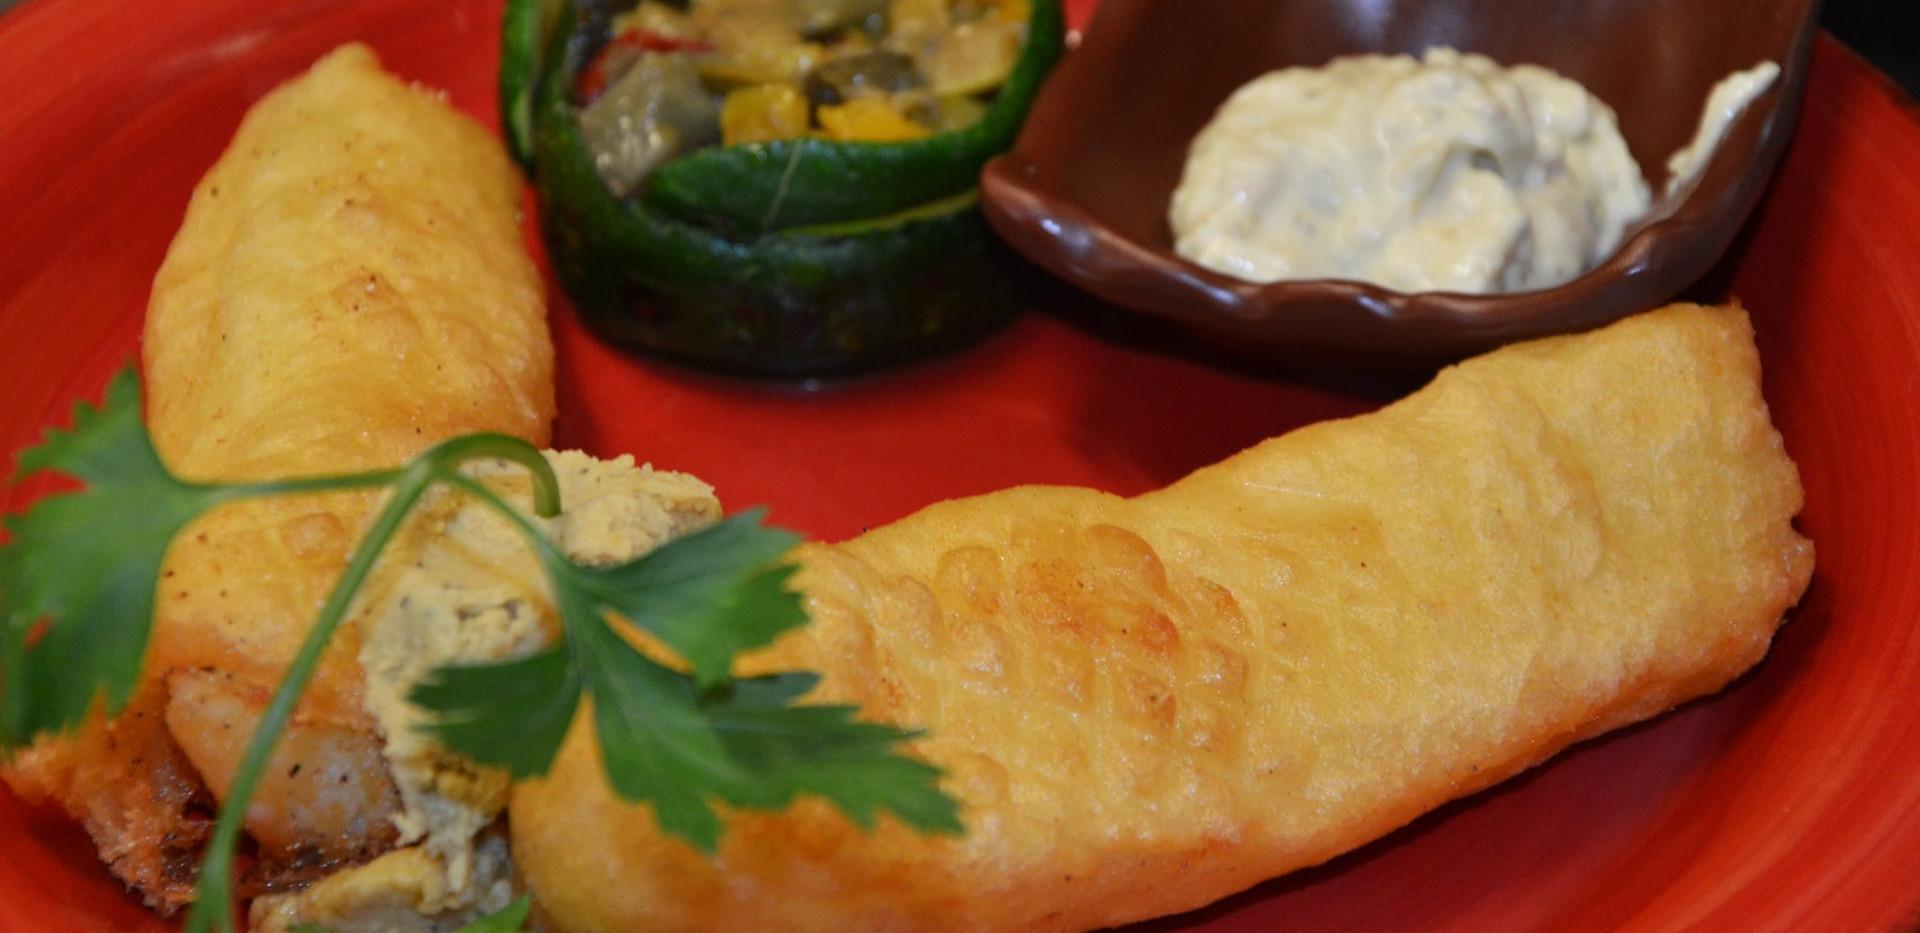 filettoni di baccalà con caponata di verdure #osteriadarbruttone